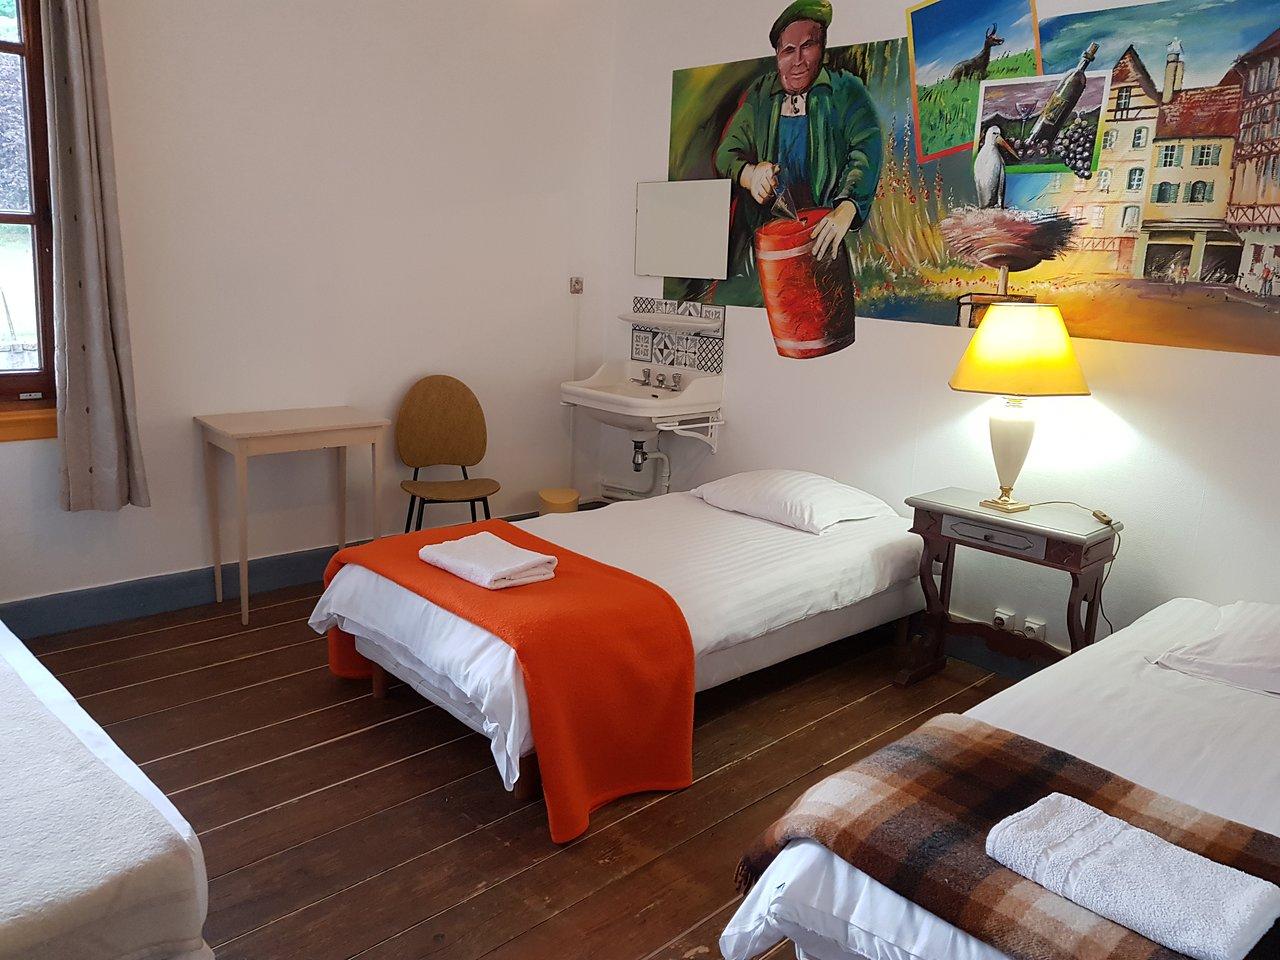 Tete De Lit Porte De Grange les brimbelles hostel aubure - prices & reviews (france